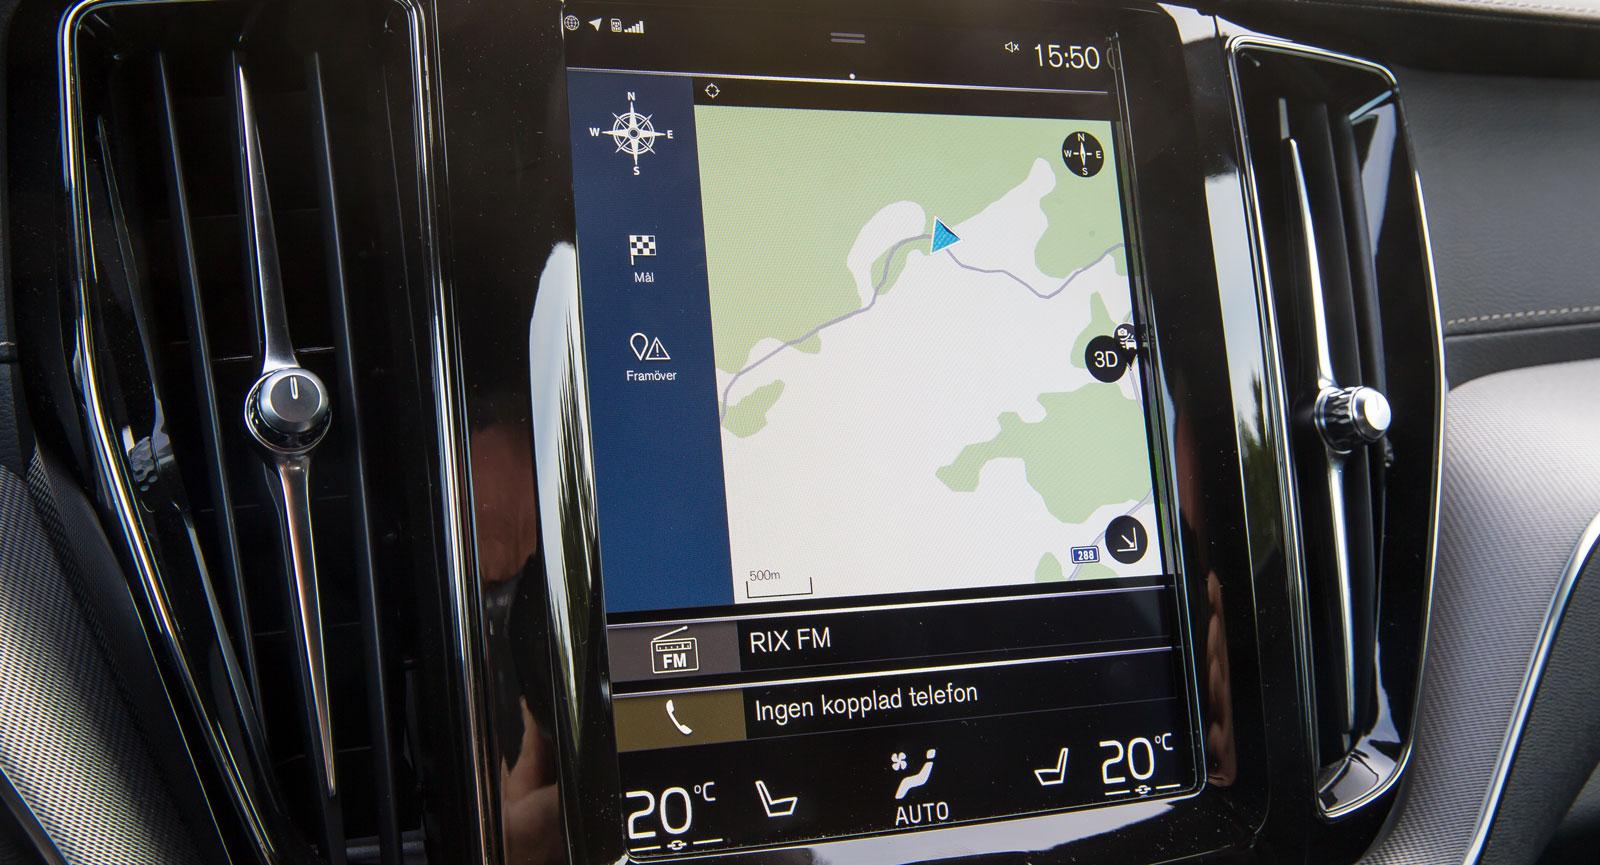 Ge Volvos initialt virriga uppläggning ett par dagar, sedan fungerar allt intuitivt och snabbt. Grafiken är inte alldeles state-of-the-art och skärmen blir snabbt kladdig.